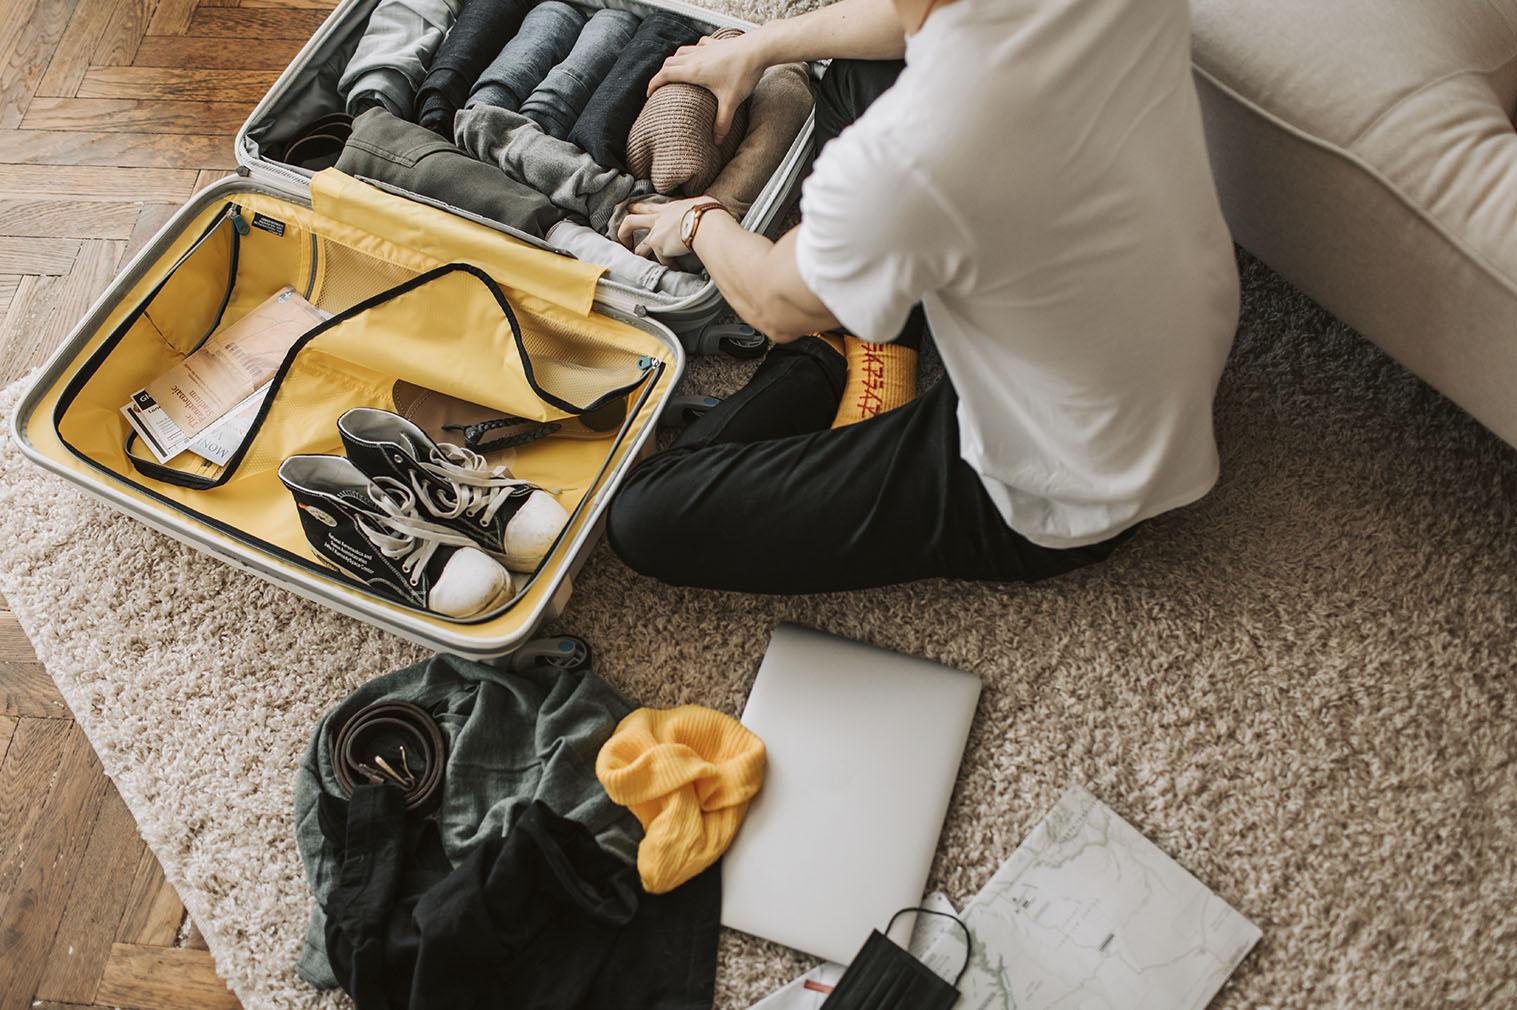 Organização de malas para viagem